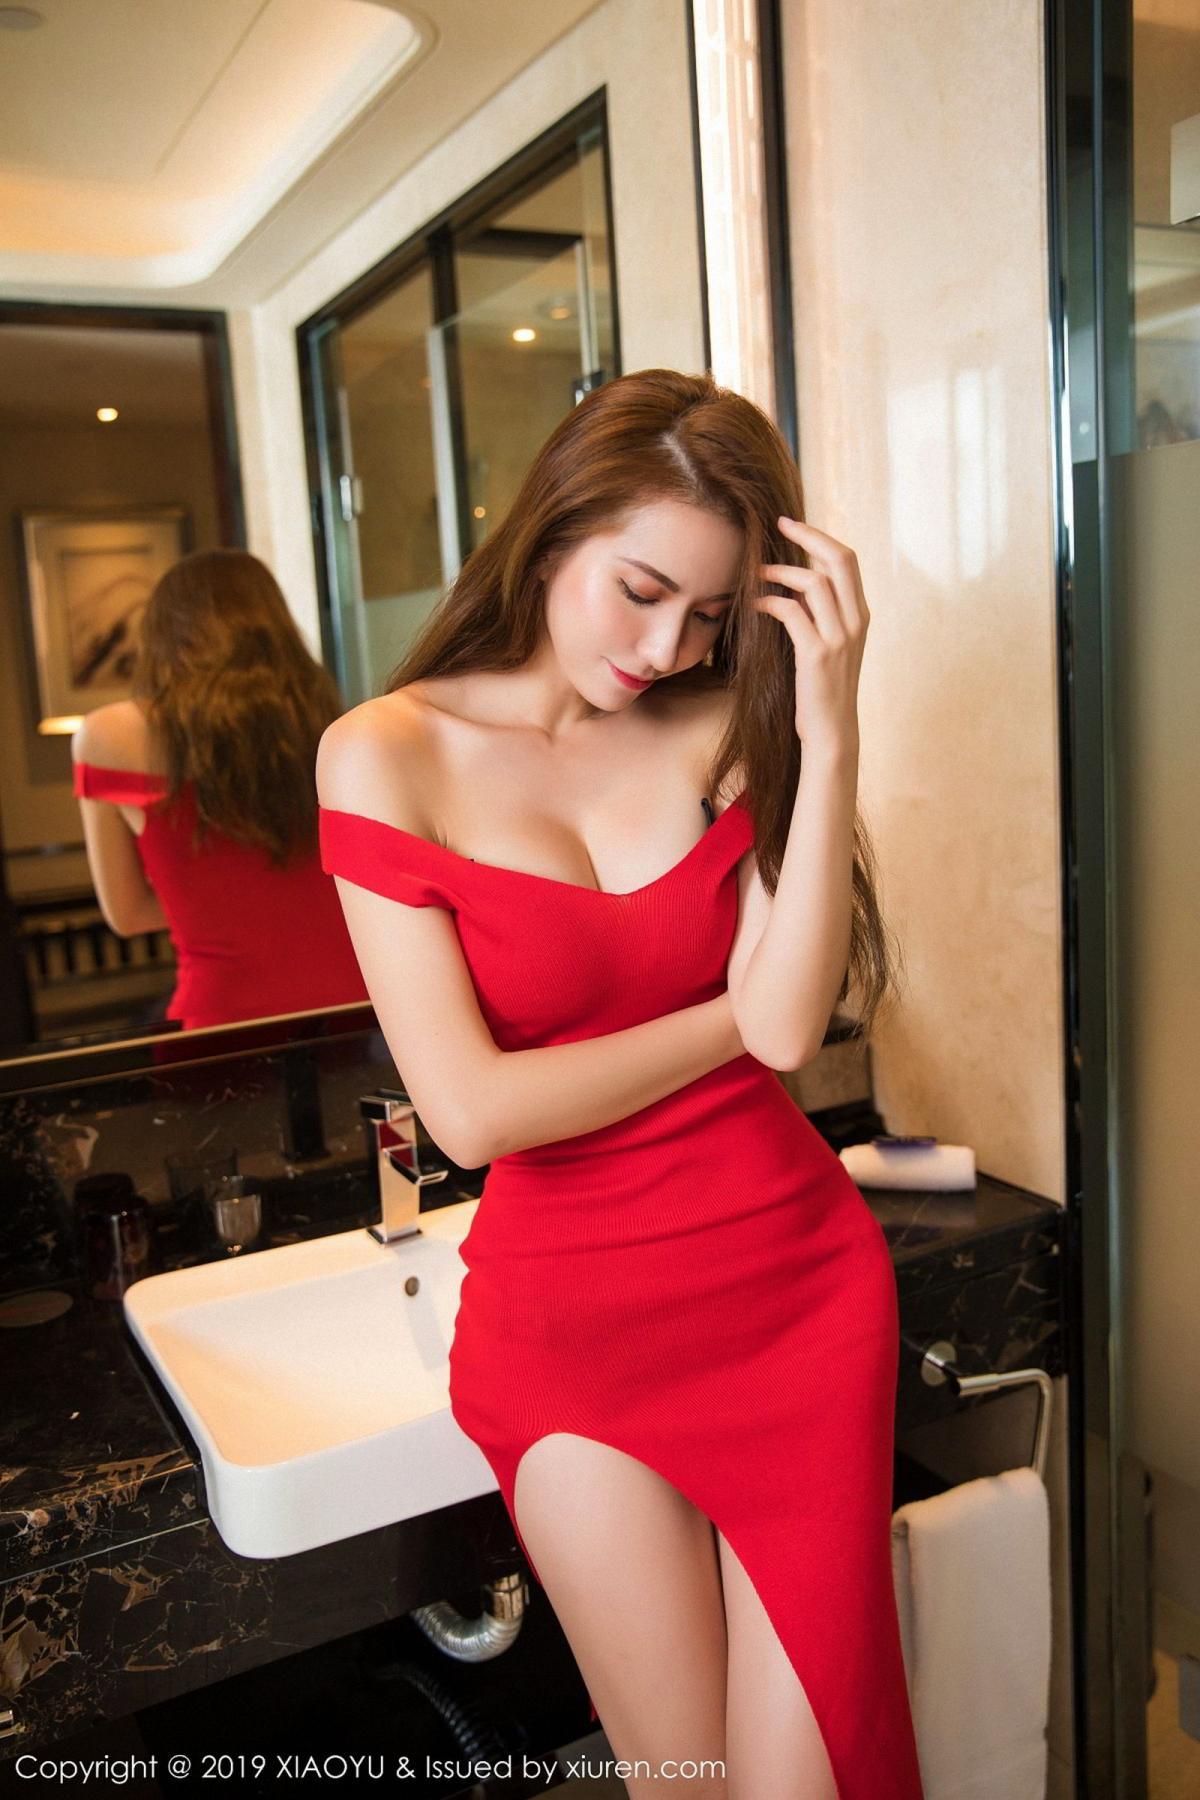 [XiaoYu] Vol.033 Chen Liang Ling 8P, Chen Liang Ling, Tall, Underwear, XiaoYu